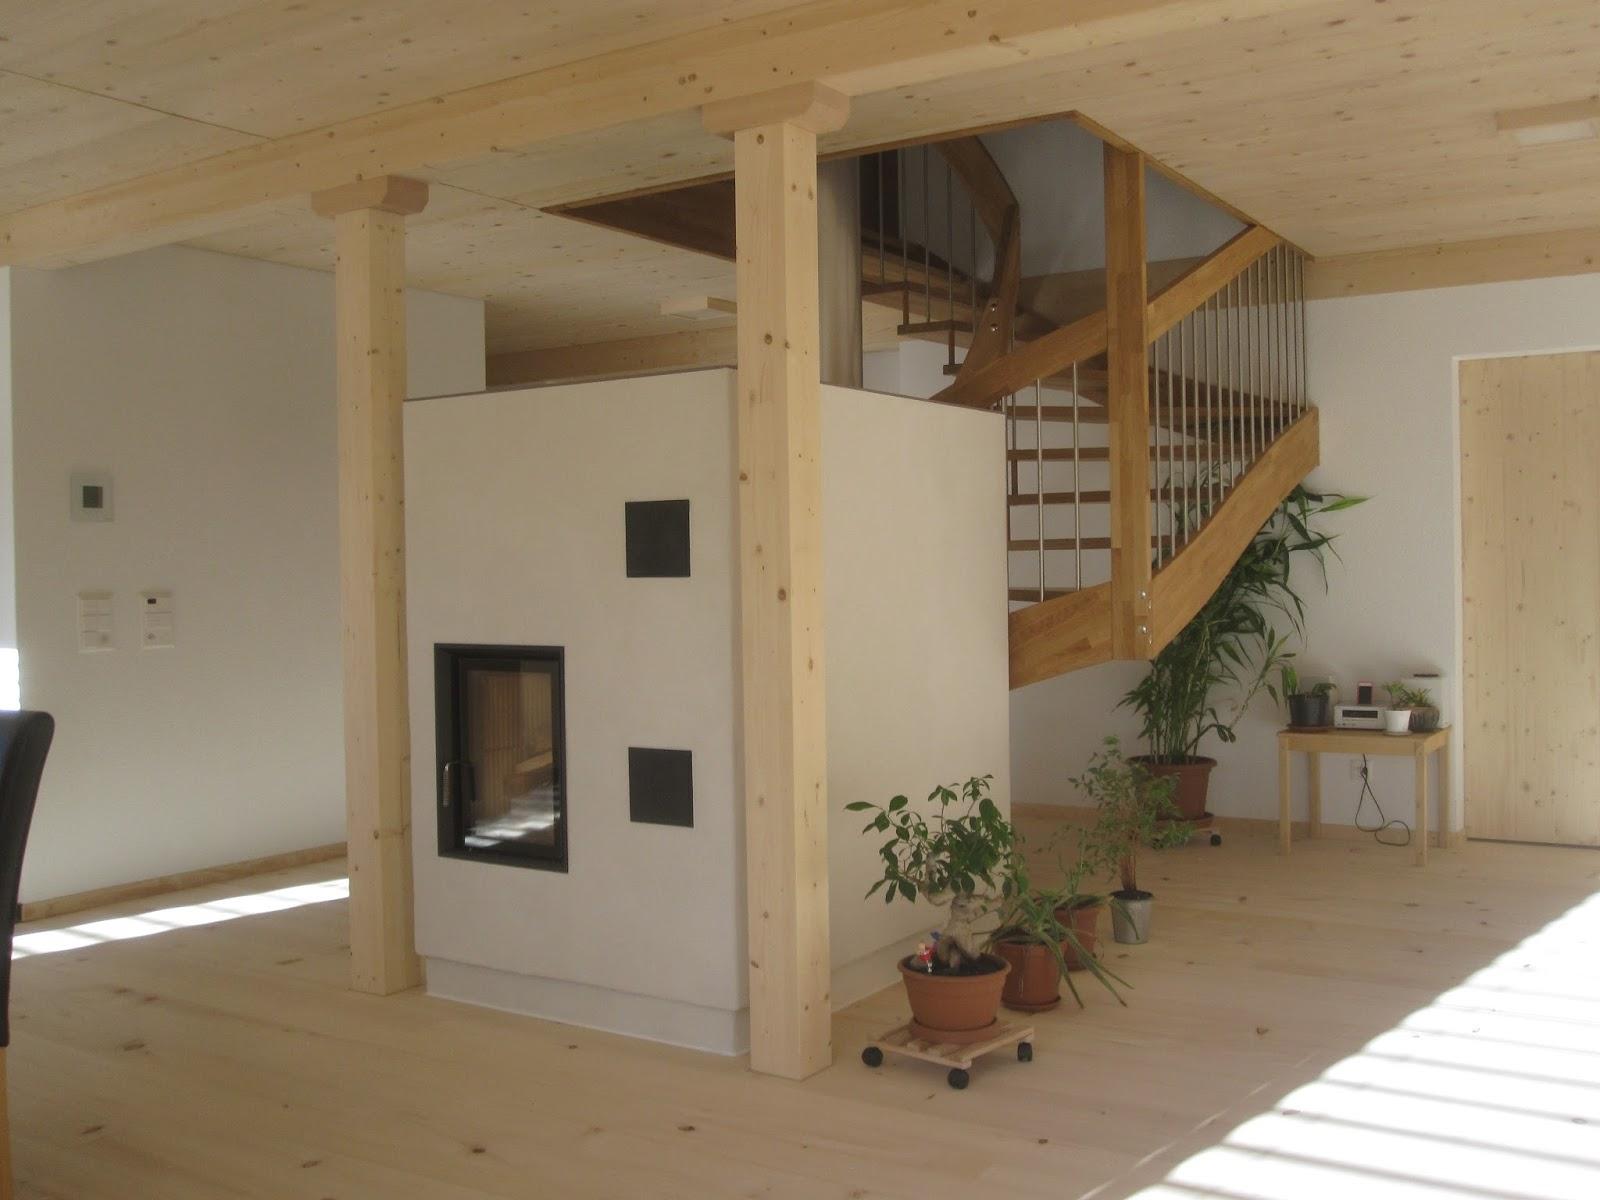 Holzhaus wir bauen ein haus aus holz einrichten for Holzhaus modern einrichten